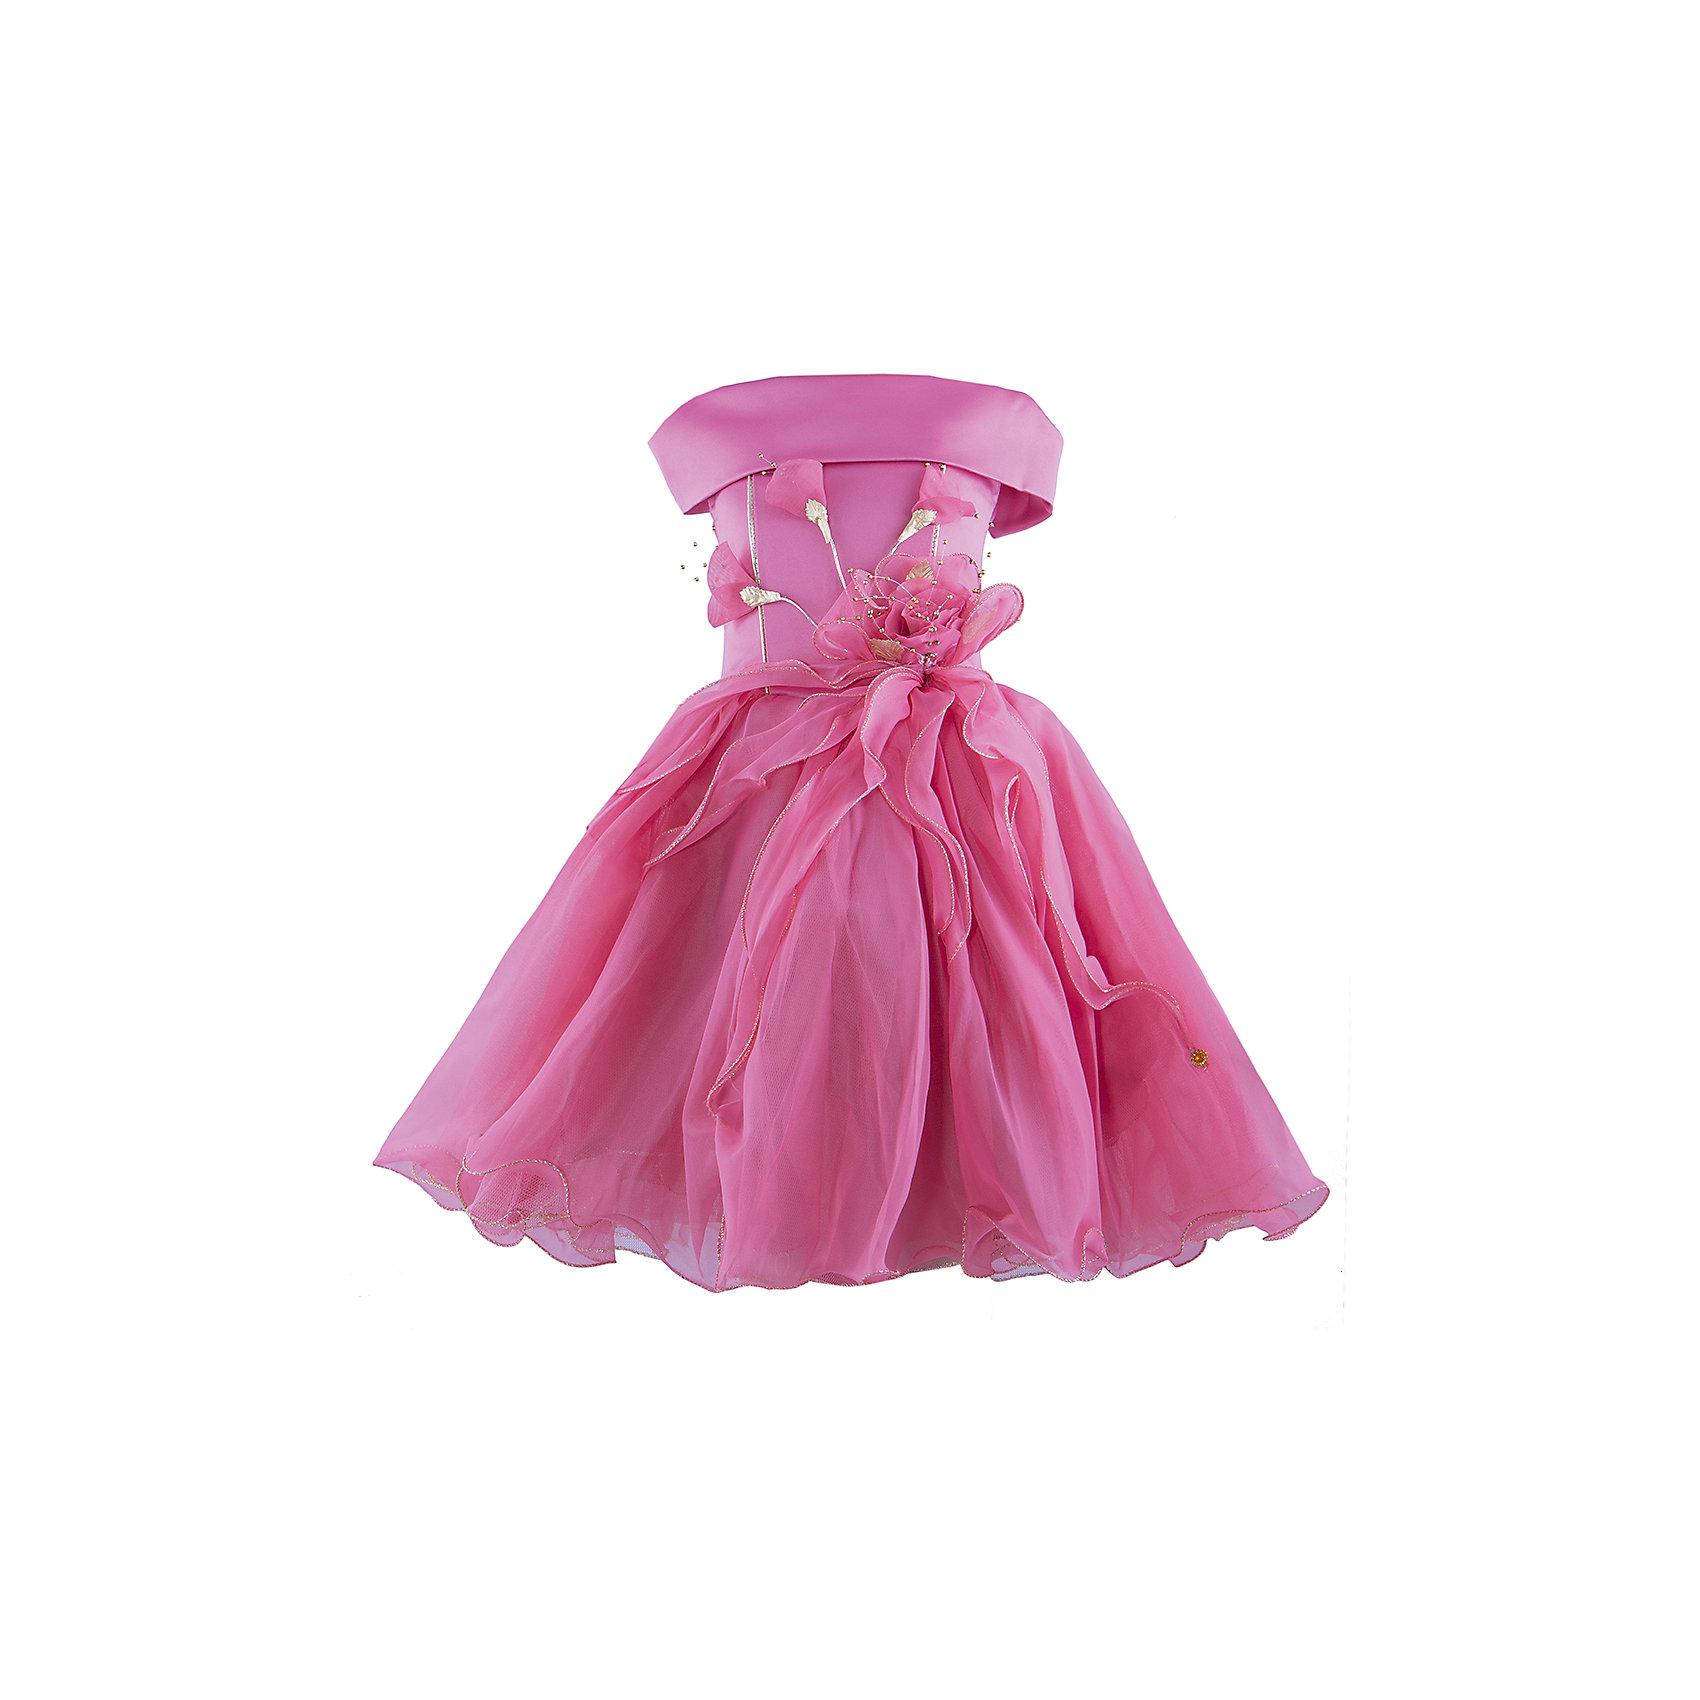 Нарядное платье ШармельНарядное платье для девочки от российской марки Шармель<br><br>Красивое пышное платье как у принцессы - мечта каждой девочки. Данное платье смотрится очень празднично и воздушно. На любом празднике ребенок в нем будет выглядеть нарядно, эффектно и торжественно.<br><br>Особенности модели:<br><br>- состав: 100% полиэстер; подкл.: 100% хлопок<br>- материал - с блеском;<br>- цвет - темно-розовый;<br>- подол - многослойный, пышный, с полужестким каркасом из сетки;<br>- без рукавов;<br>- можно утянуть лиф шнуровкой;<br>- сзади застежка-молния;<br>- резинка на прорезях для рукавов;<br>- лиф жесткий, украшен цветами из органзы с серебристой фурнитурой.<br><br>Дополнительная информация:<br><br>Габариты:<br><br>длина по спинке - 61 см.<br><br>* соответствует размеру 92/98<br><br>Нарядное платье для девочки от российской марки Шармель можно купить в нашем магазине.<br><br>Ширина мм: 236<br>Глубина мм: 16<br>Высота мм: 184<br>Вес г: 177<br>Цвет: розовый<br>Возраст от месяцев: 48<br>Возраст до месяцев: 72<br>Пол: Женский<br>Возраст: Детский<br>Размер: 104/116,92/98<br>SKU: 4243378